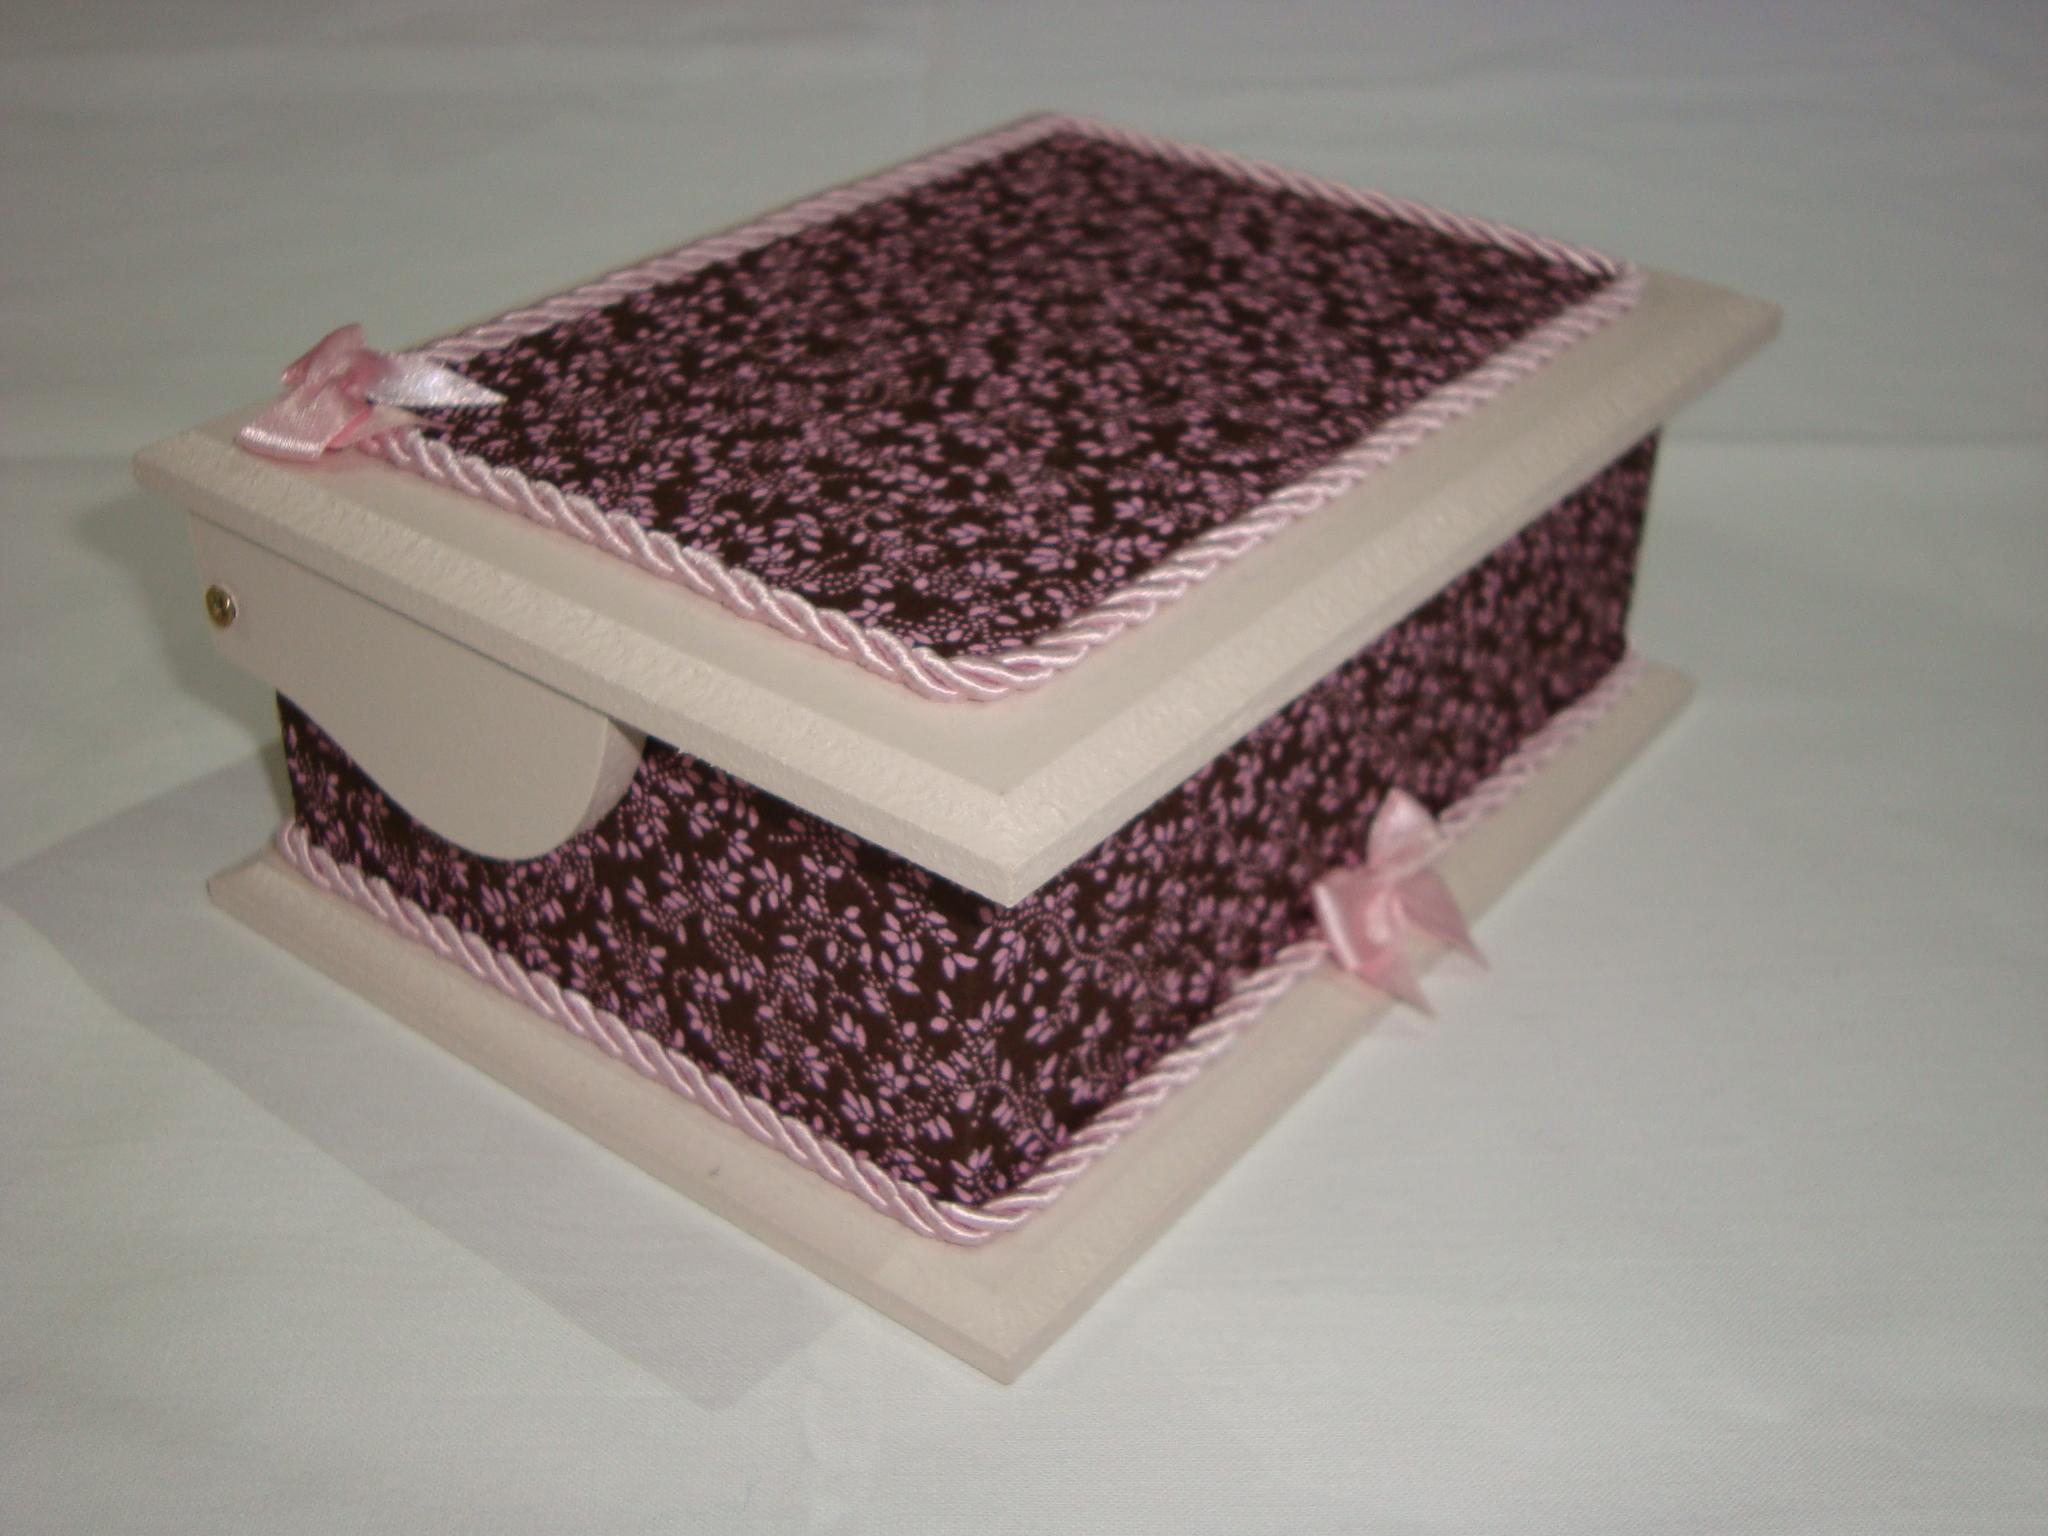 tecido caixa de madeira decorada com tecido caixa de madeira decorada #3B2424 2048x1536